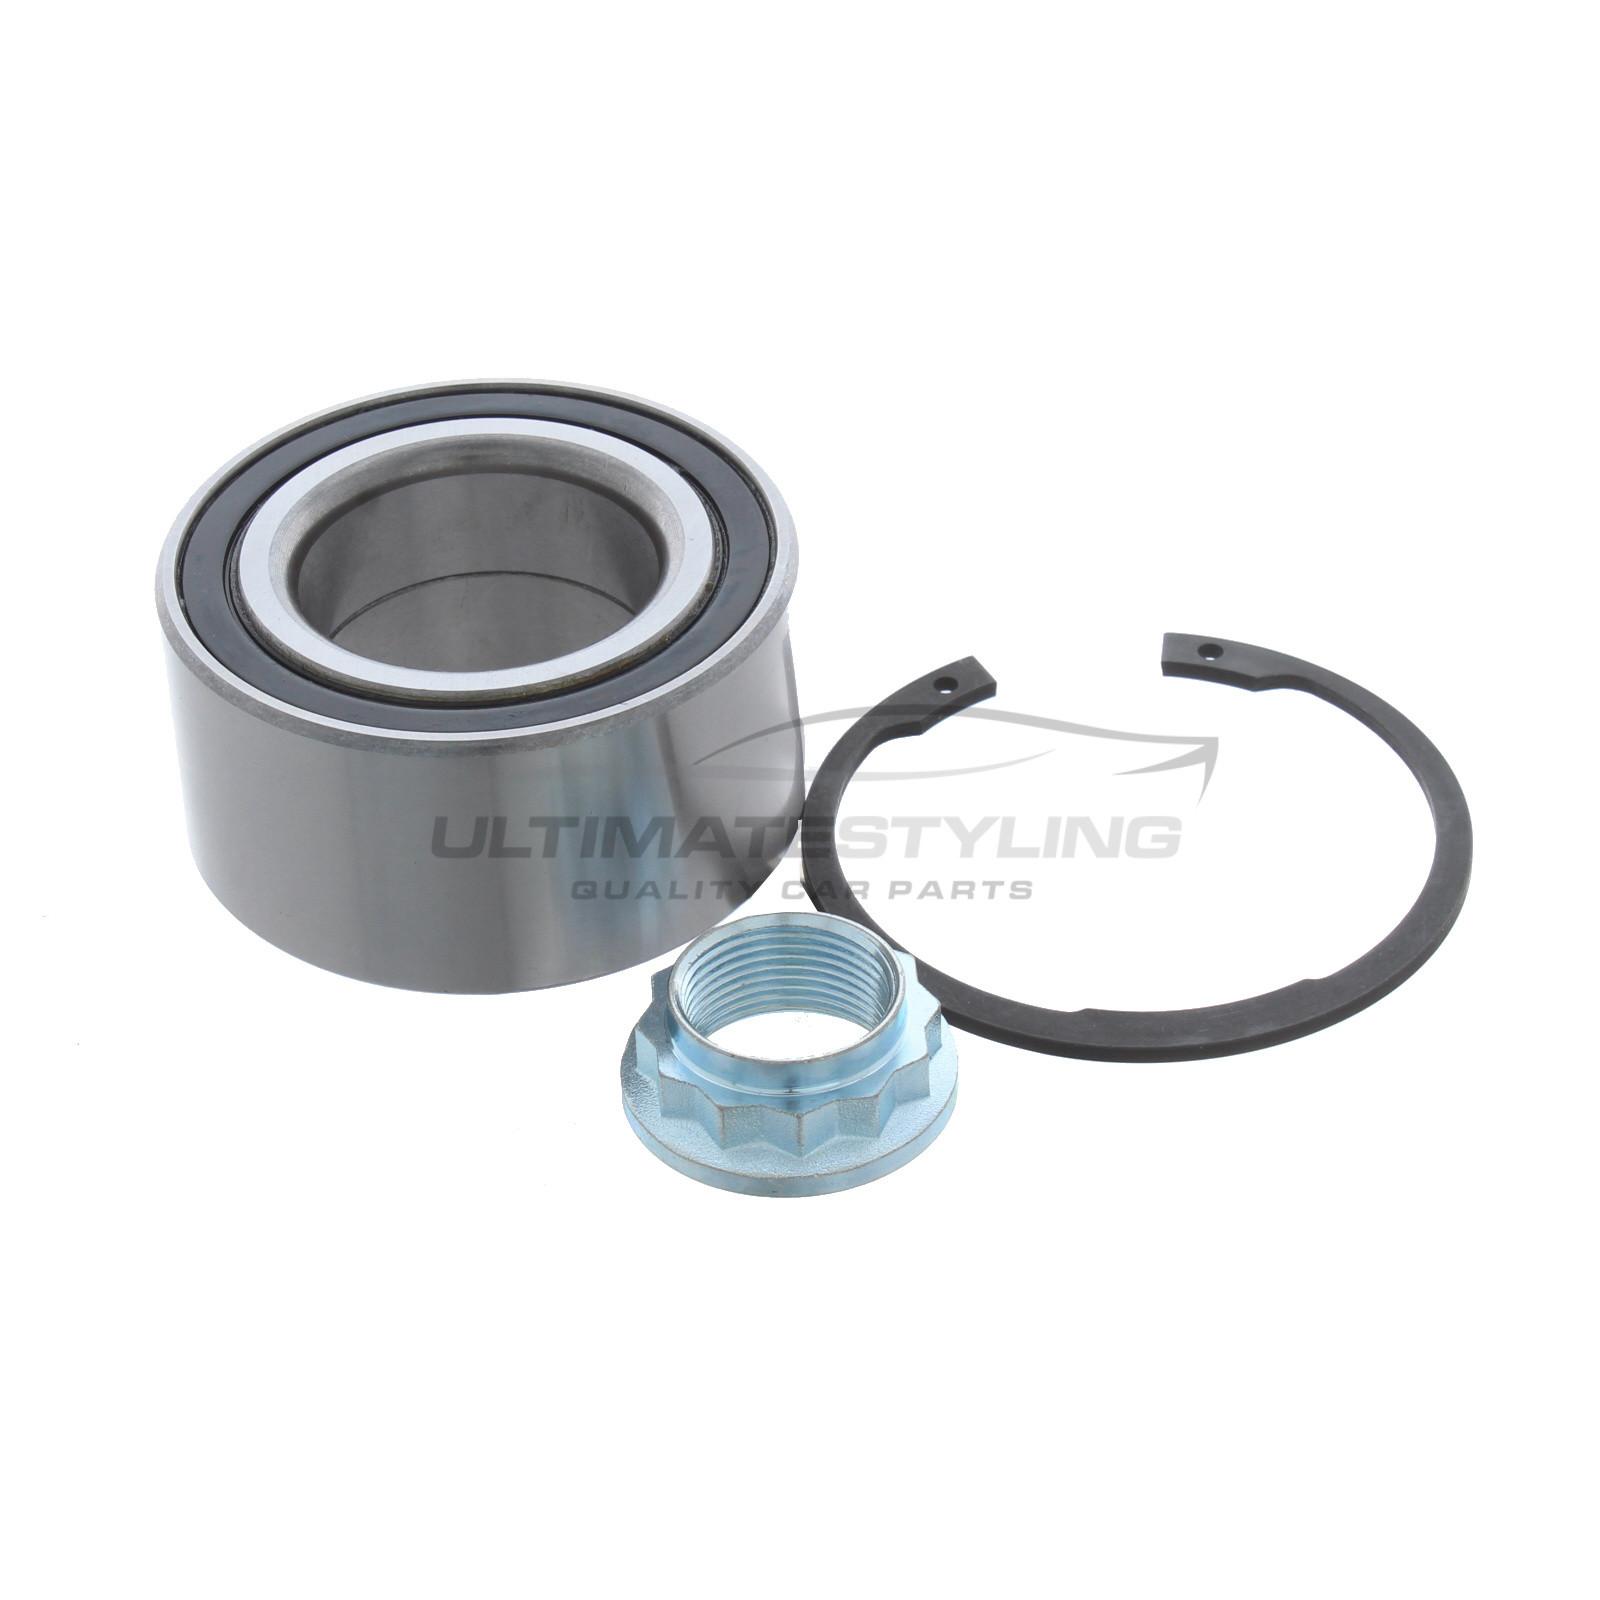 Rear Wheel Bearing Kit for BMW Z4